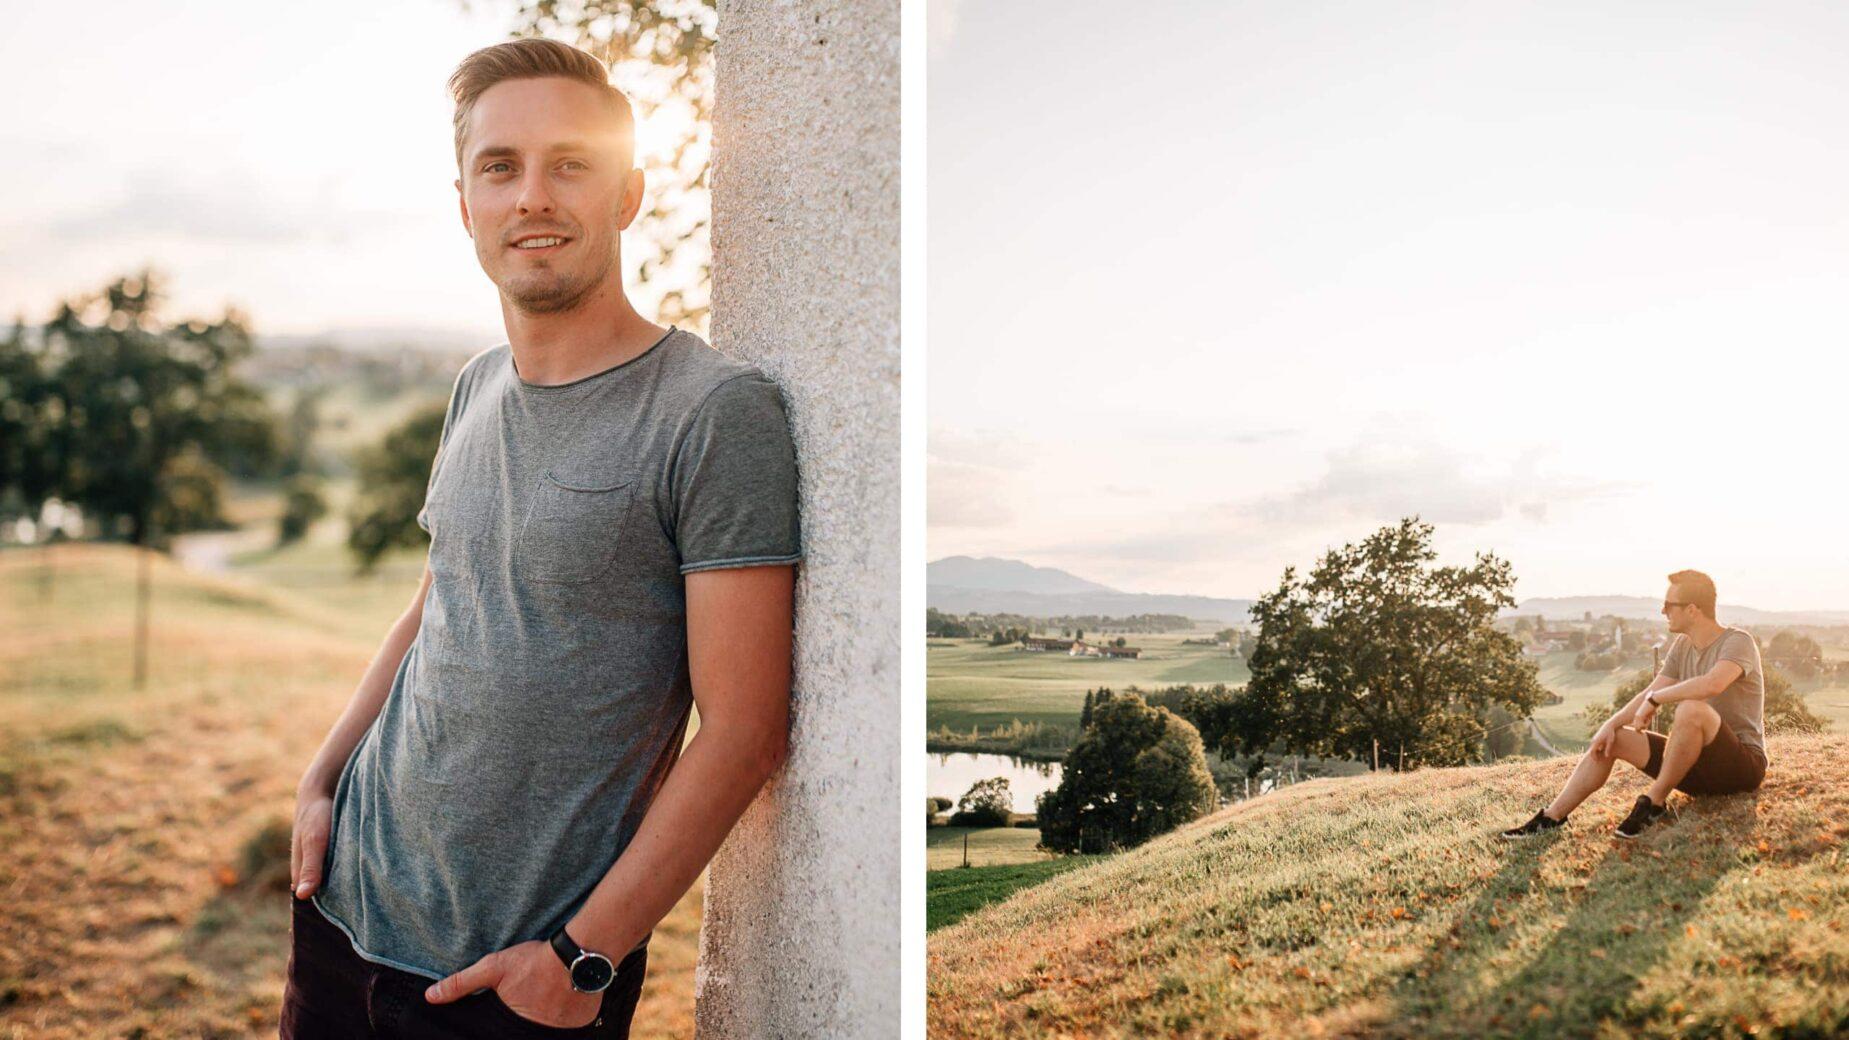 Männerportrait mit Bergpanorama im Voralpenland bei Sonnenuntergang von Jung und Wild design